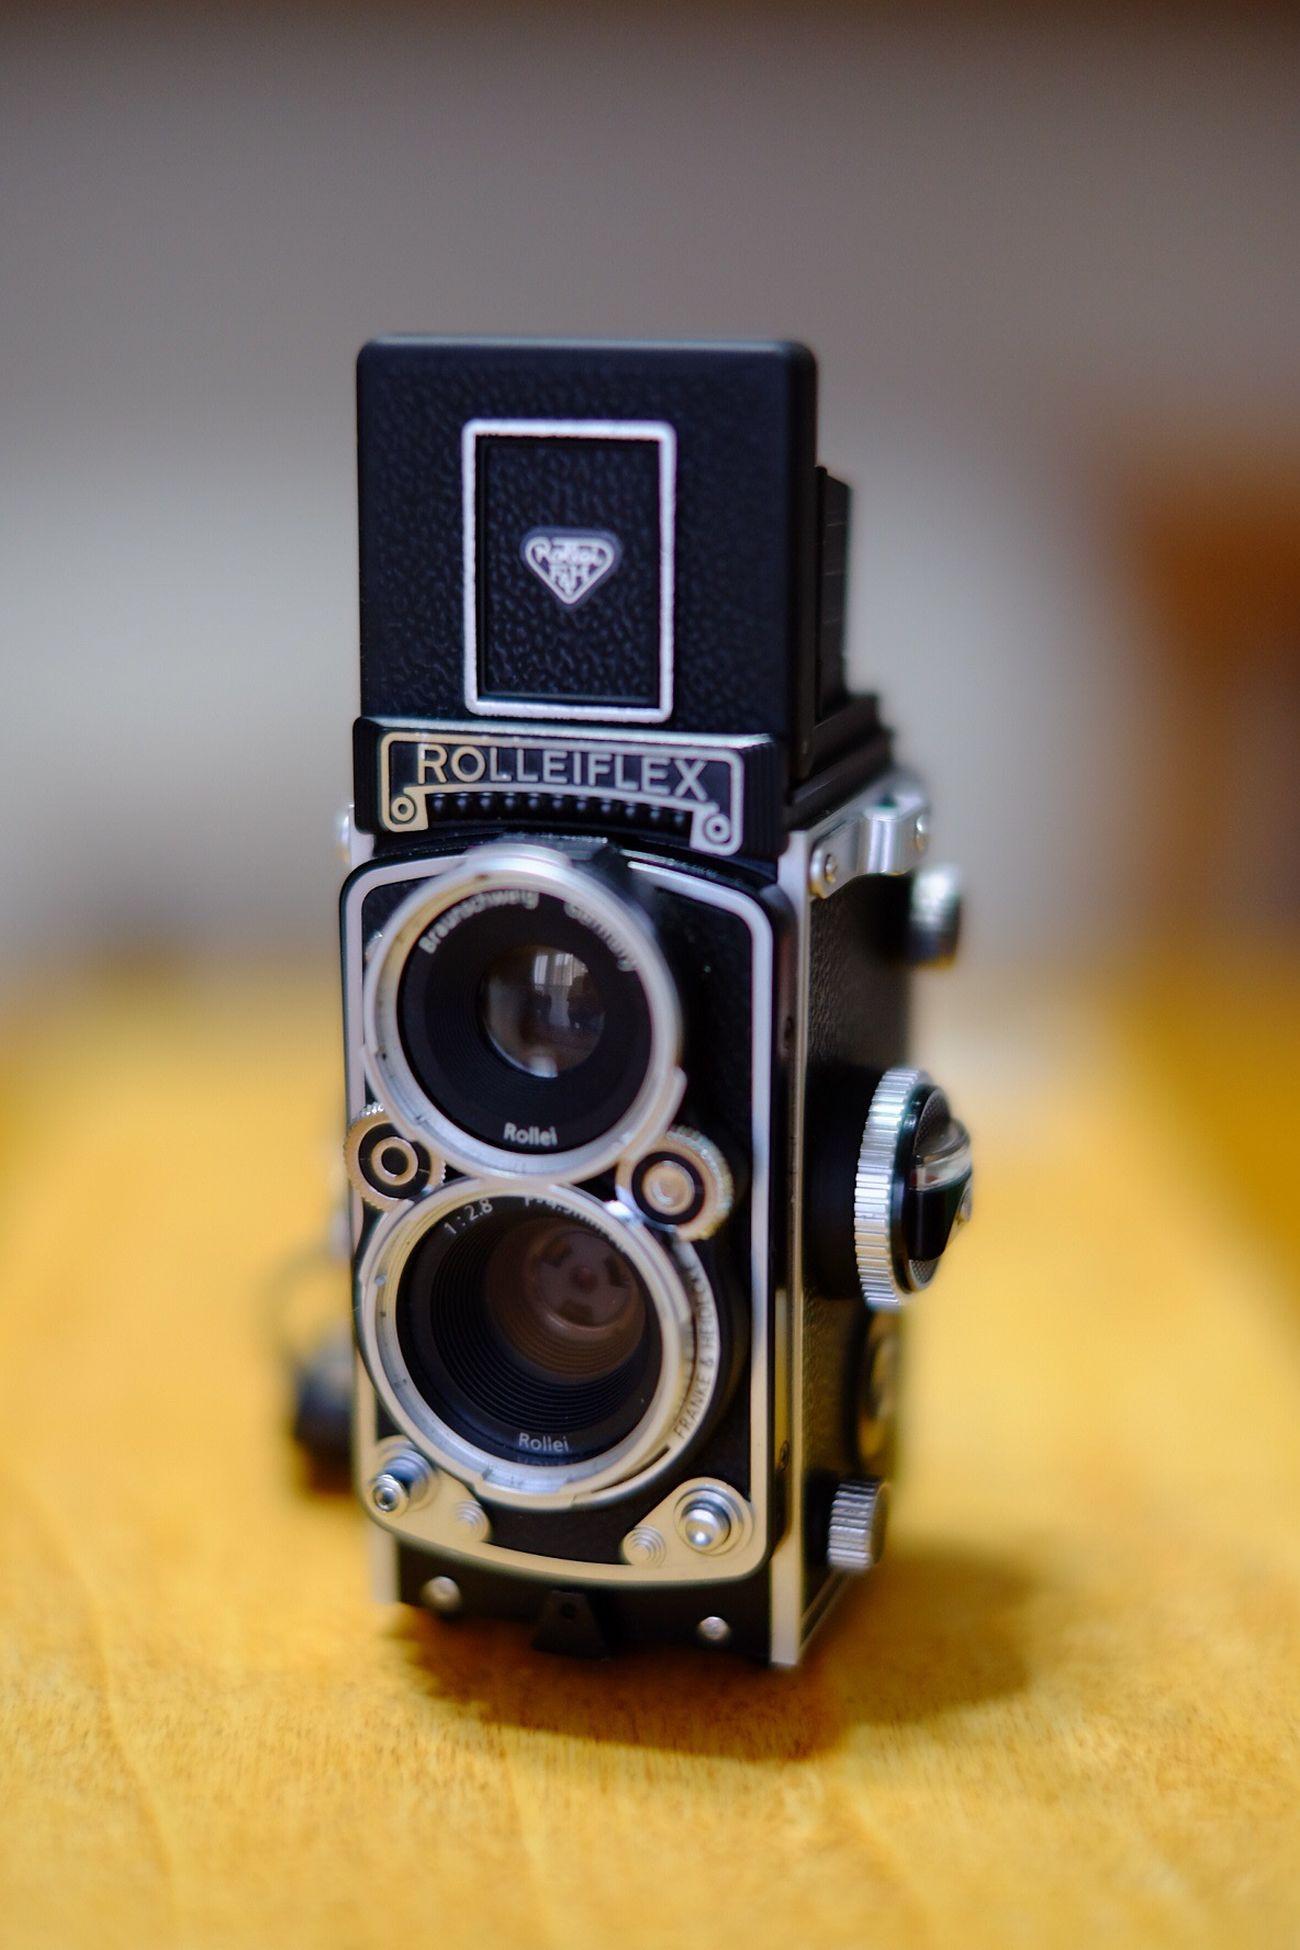 日常雨の休日、5月に入り早々につまずいてしまった😅あぁ写真撮りに行きたい📸 mMyhomeMMyHOUSECCameraRRolleiflexMiniDigiEEyeEmEEyeEm GalleryTTaking PhotosHHello WorldfFujifilm_xseriesFFujifilm X-E2JJapan PhotographyTTaking PhotosrRelax Time 日常